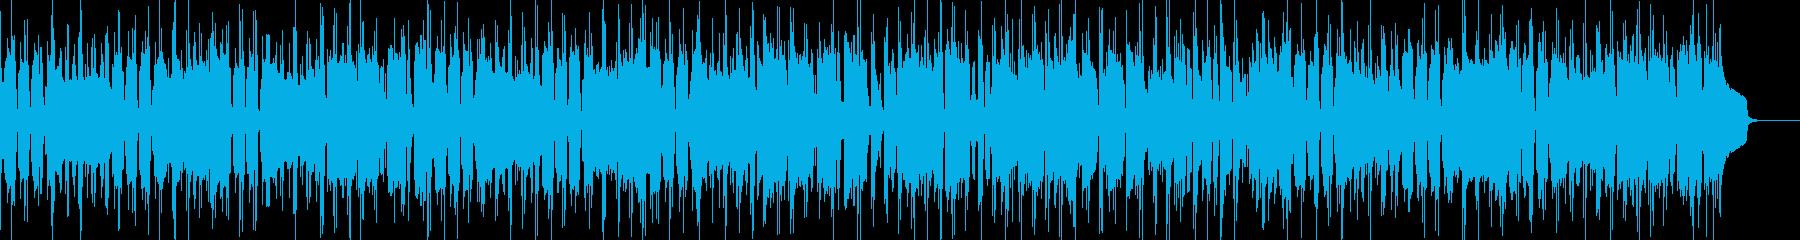 定番のブルース進行でのBGMの再生済みの波形